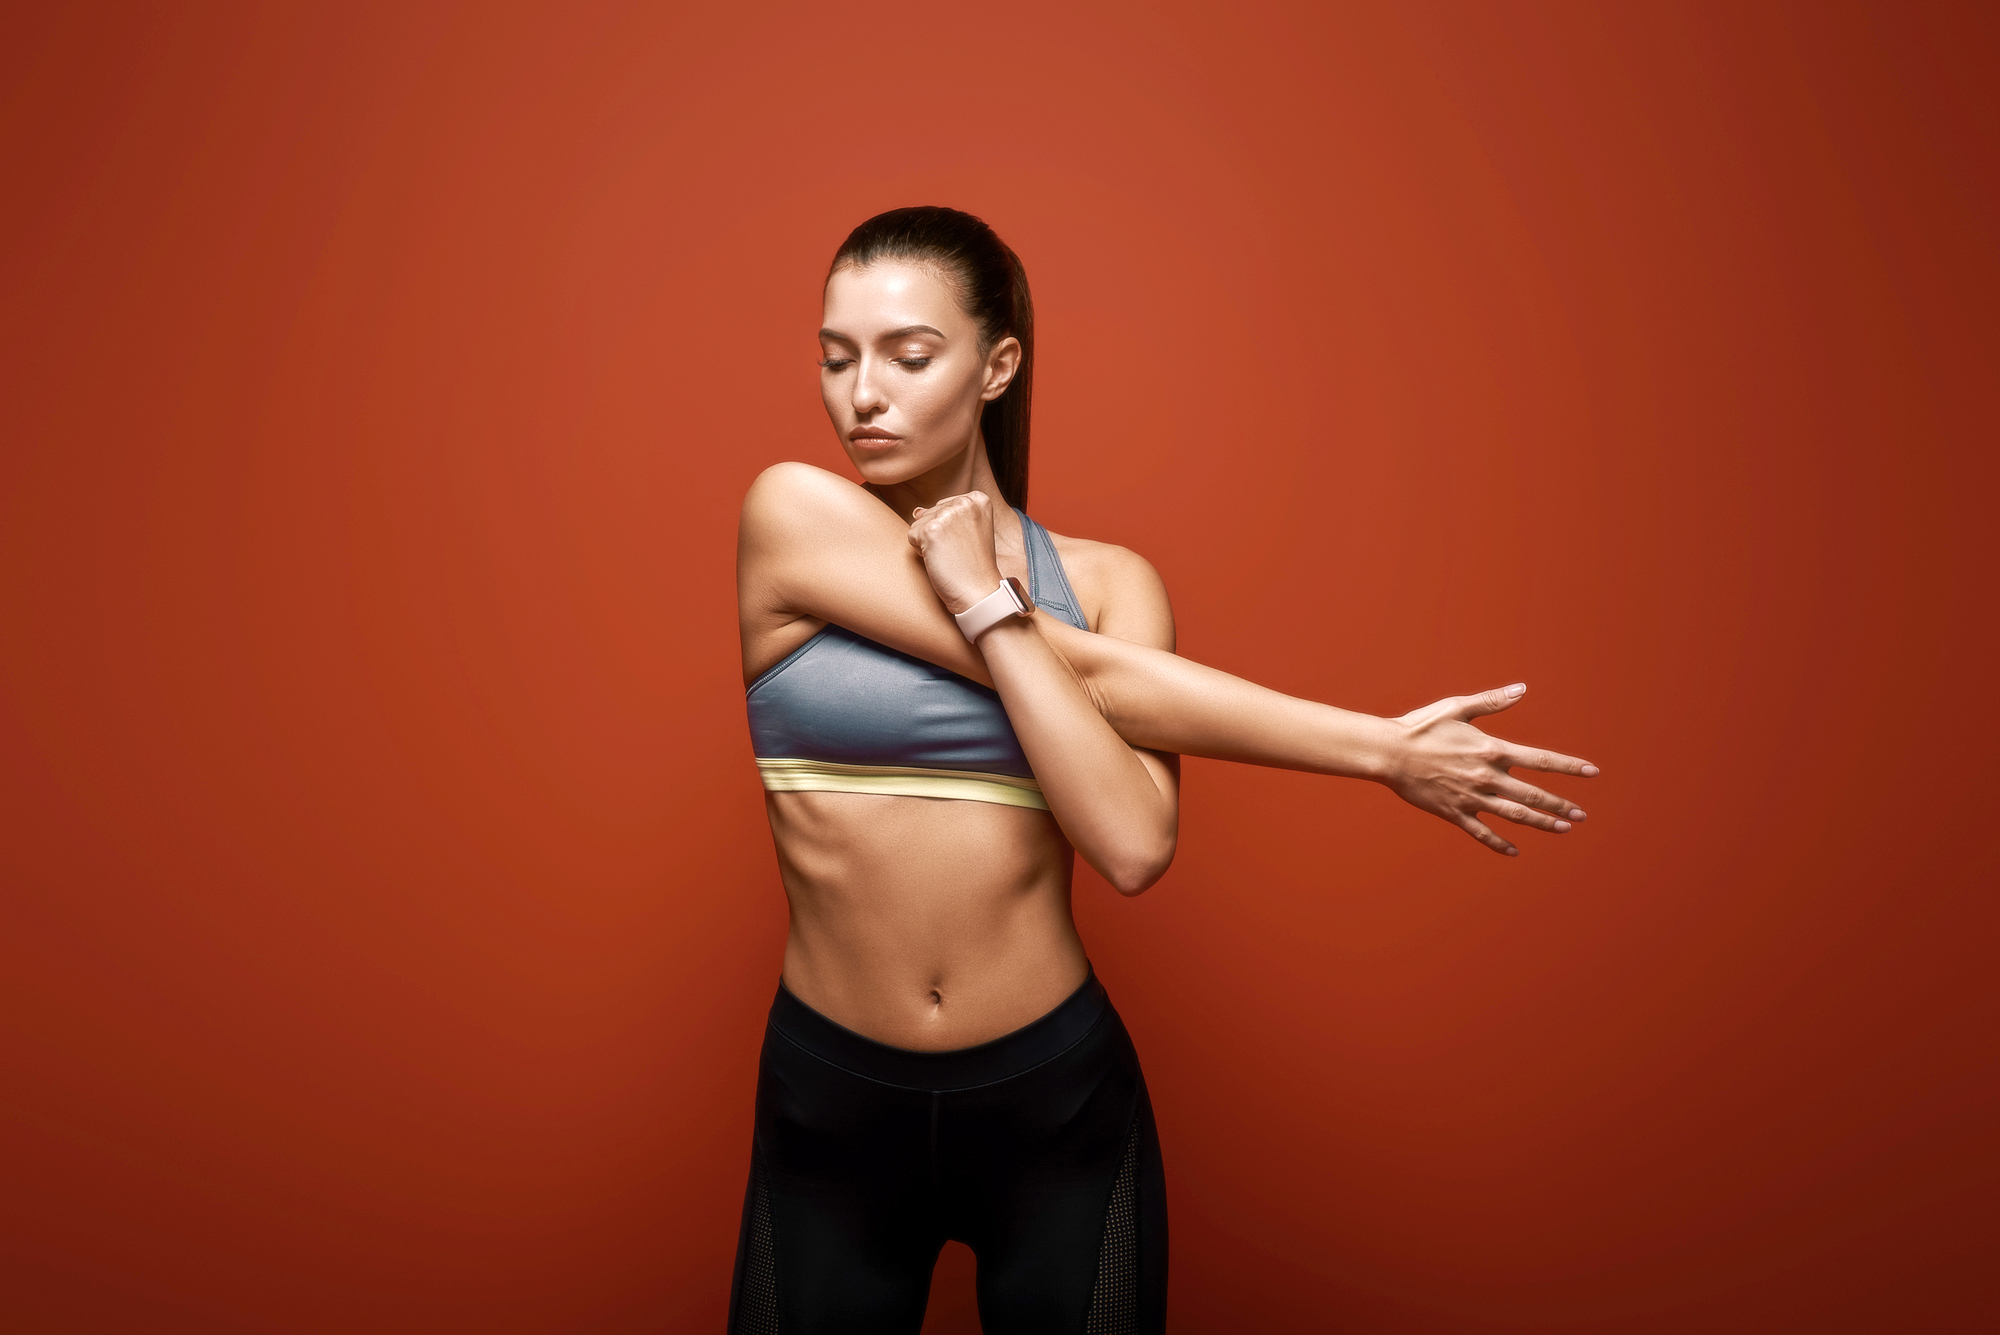 体が引き締まるだけじゃない!「筋トレ」や「体幹トレーニング」の嬉しい効果